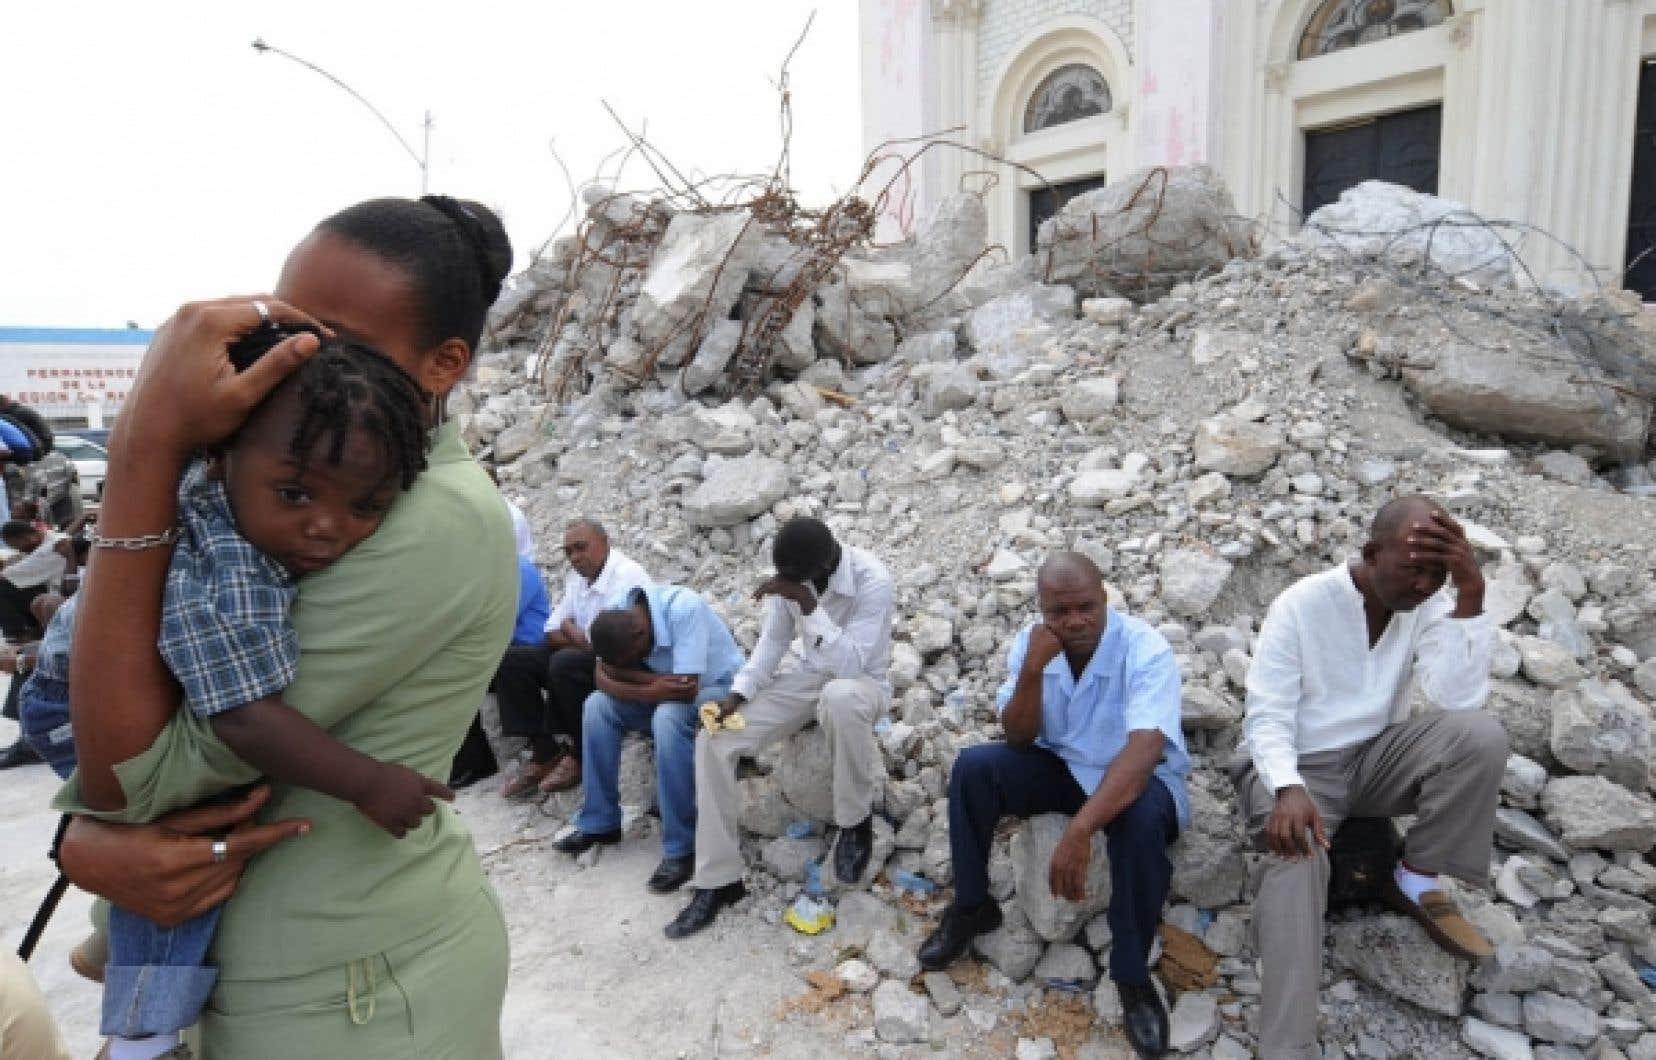 Dimanche dernier, des Haïtiens se sont rendus assister à la messe pascale près de la cathédrale en ruines de Port-au-Prince.